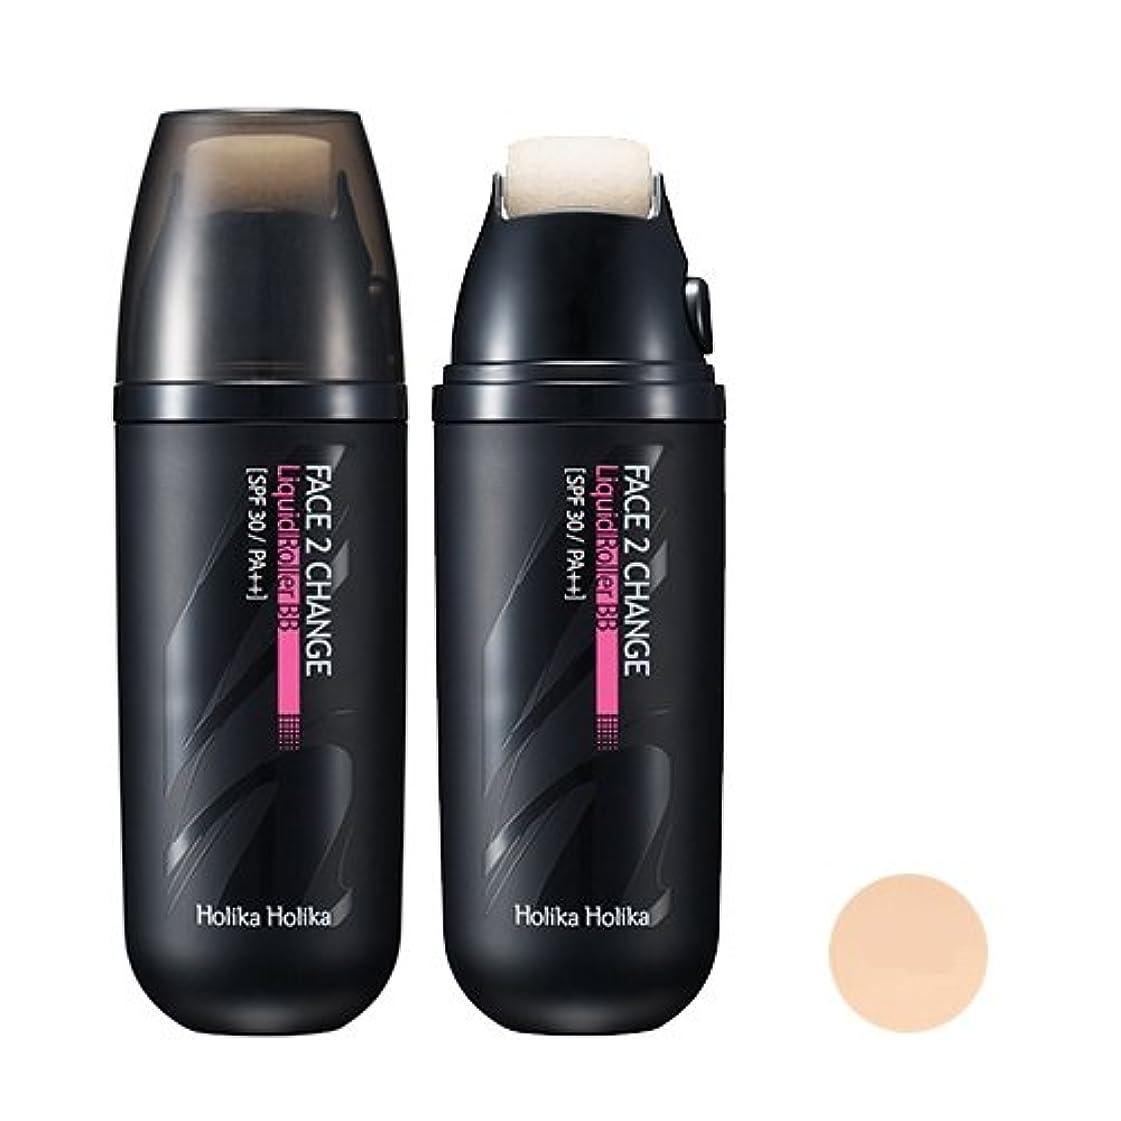 コアティーンエイジャーマラソン[Holika Holika/ホリカホリカ] フェイス 2チェンジ リキッドローラーBB クリーム (SPF30 PA++) 2タイプ?韓国コスメ/ Face 2 Change Liquid Roller BB Cream...